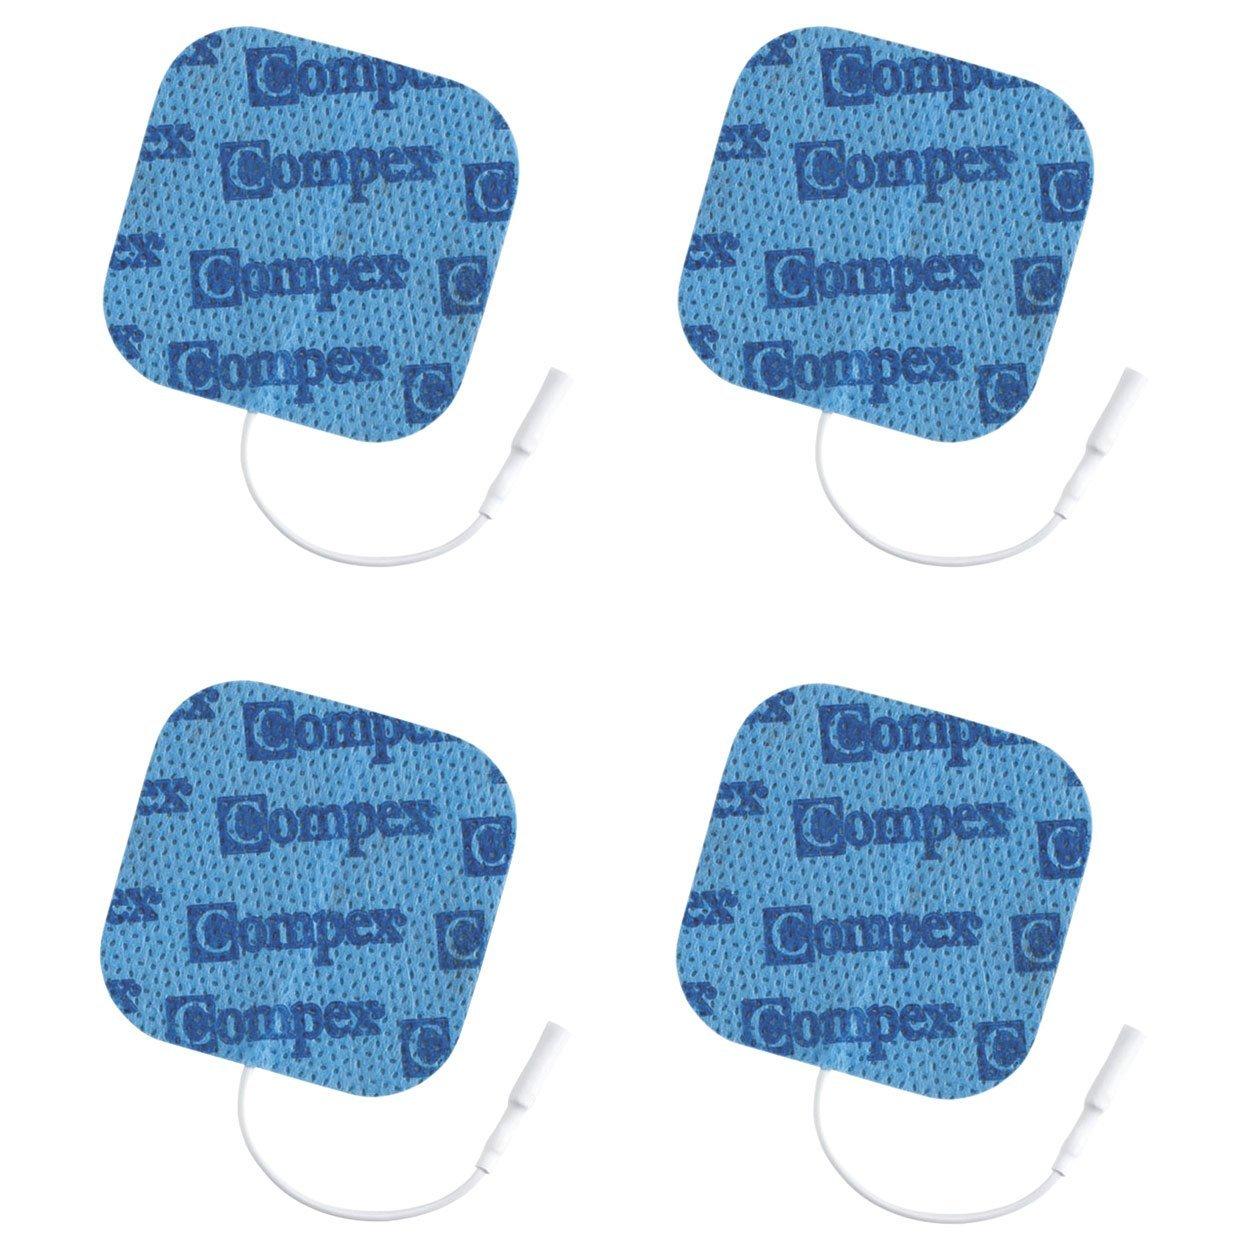 CefarCompex Electroestimulador tamaño x cm